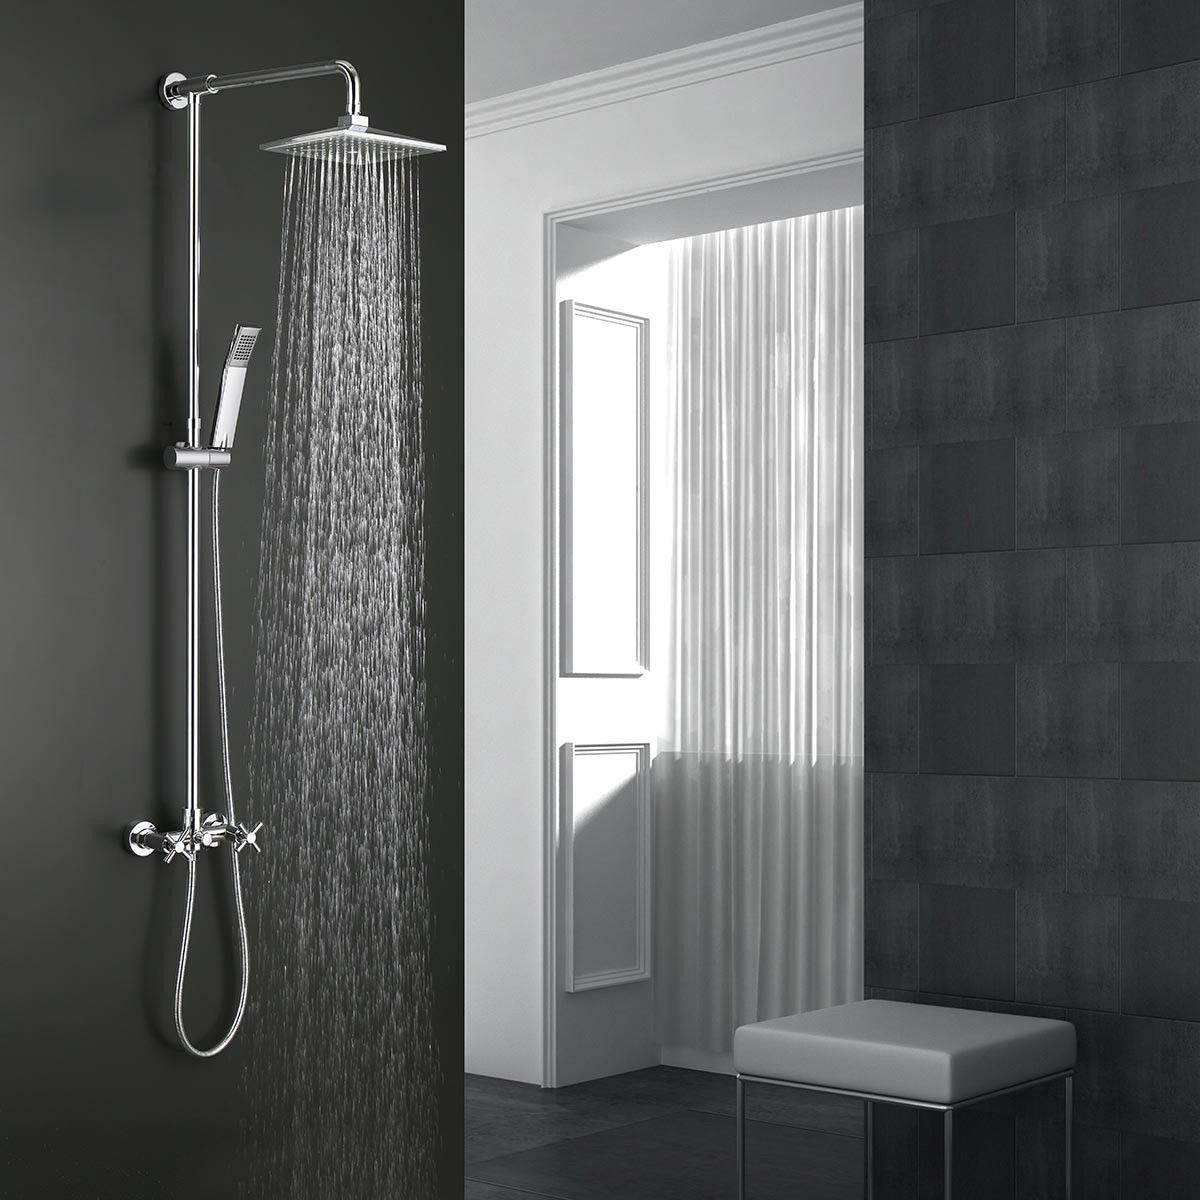 rain shower head canada. Rain Shower Head  Brass With Chrome Finish 9503 Decoraport Canada